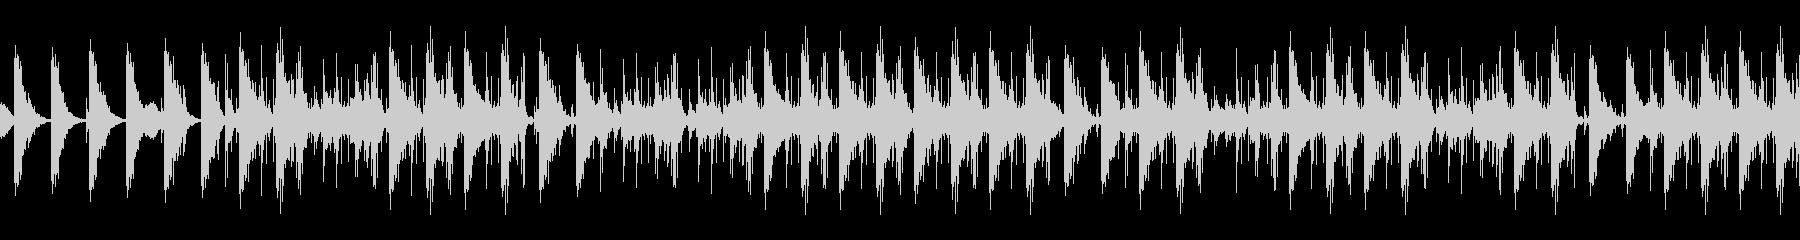 金物系ディレイのパーカスアンサンブルの未再生の波形